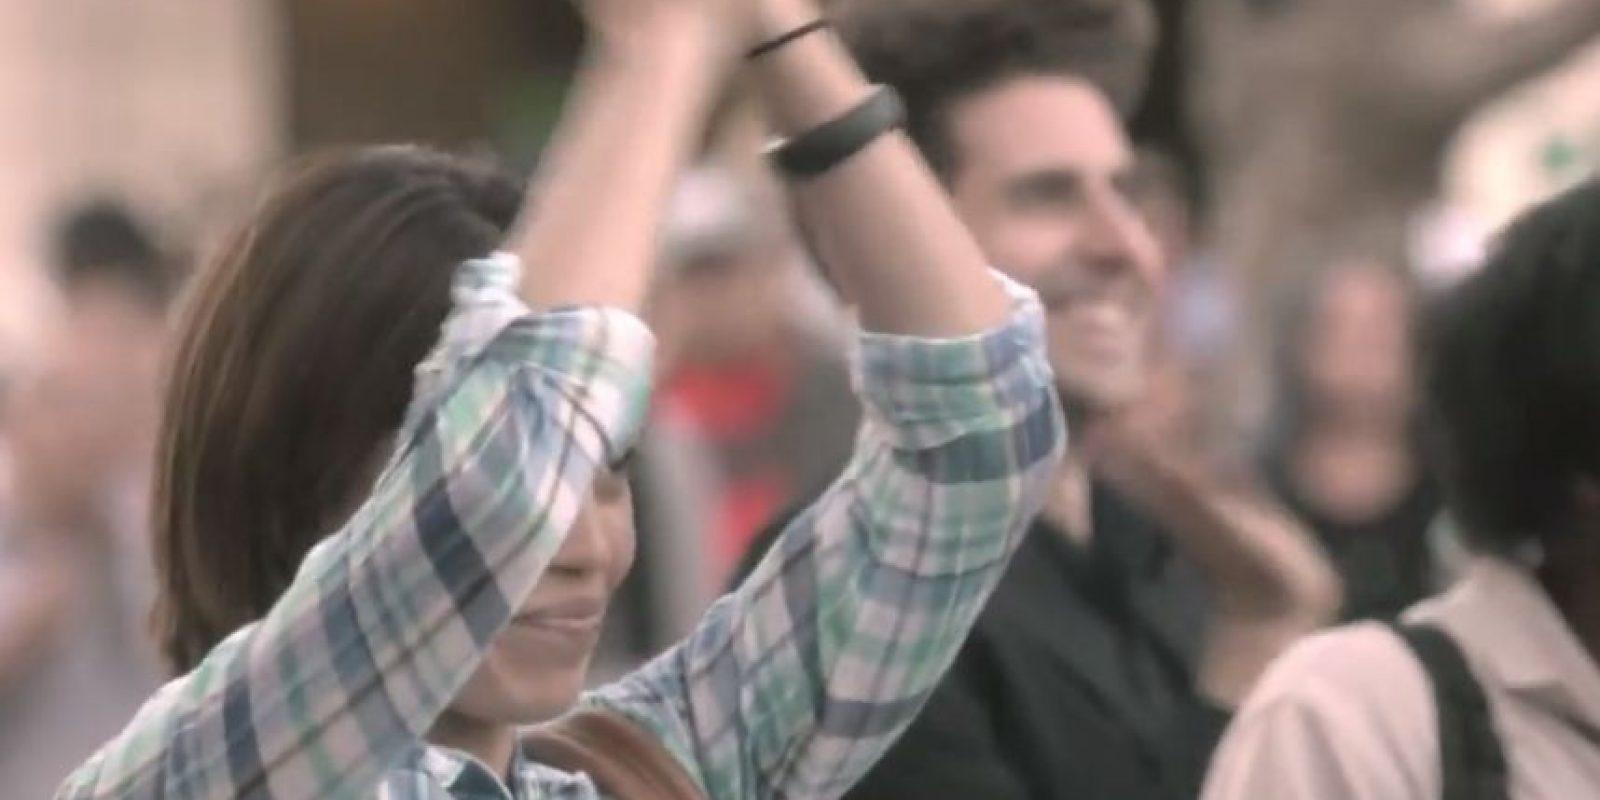 Muchos aplaudieron la iniciativa. Foto:Youtube/Ad Council